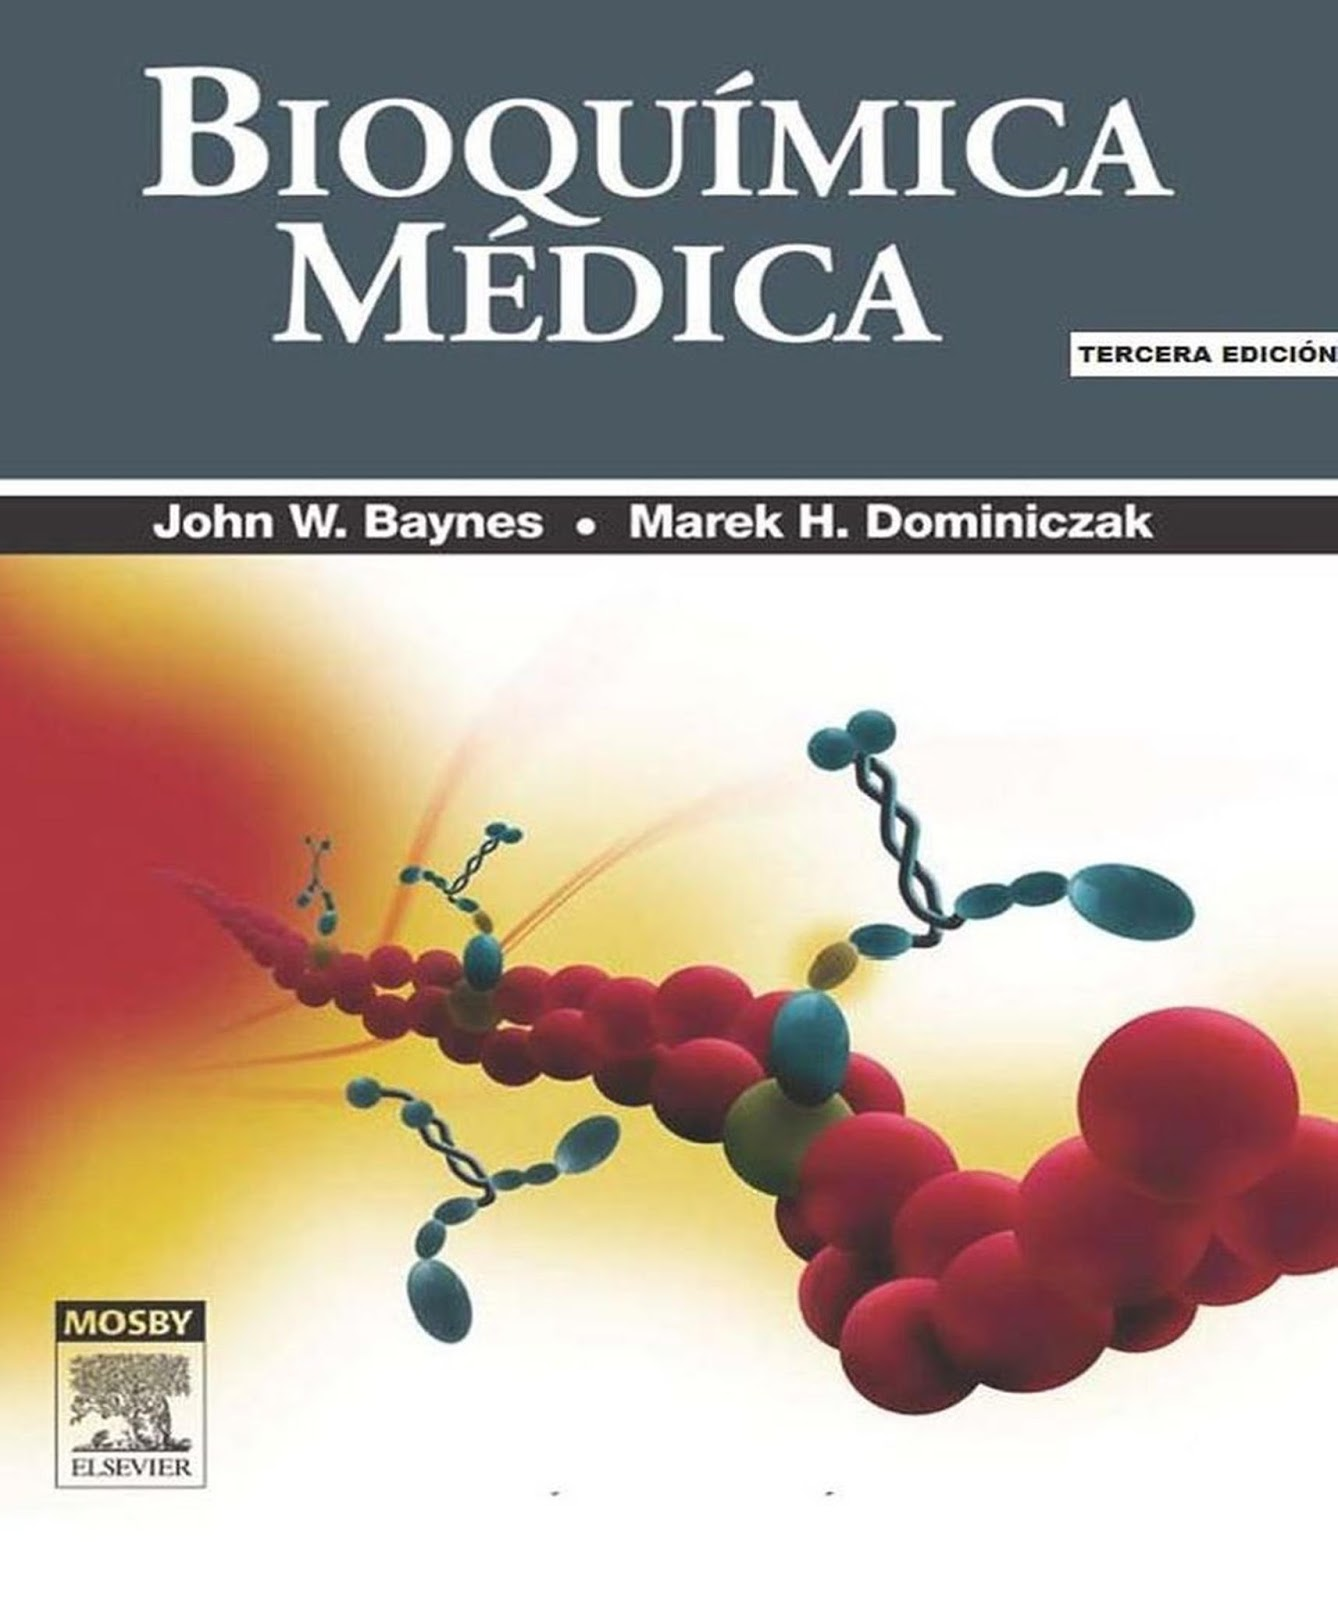 Bioquímica médica, 3ra Edición – John W. Baynes